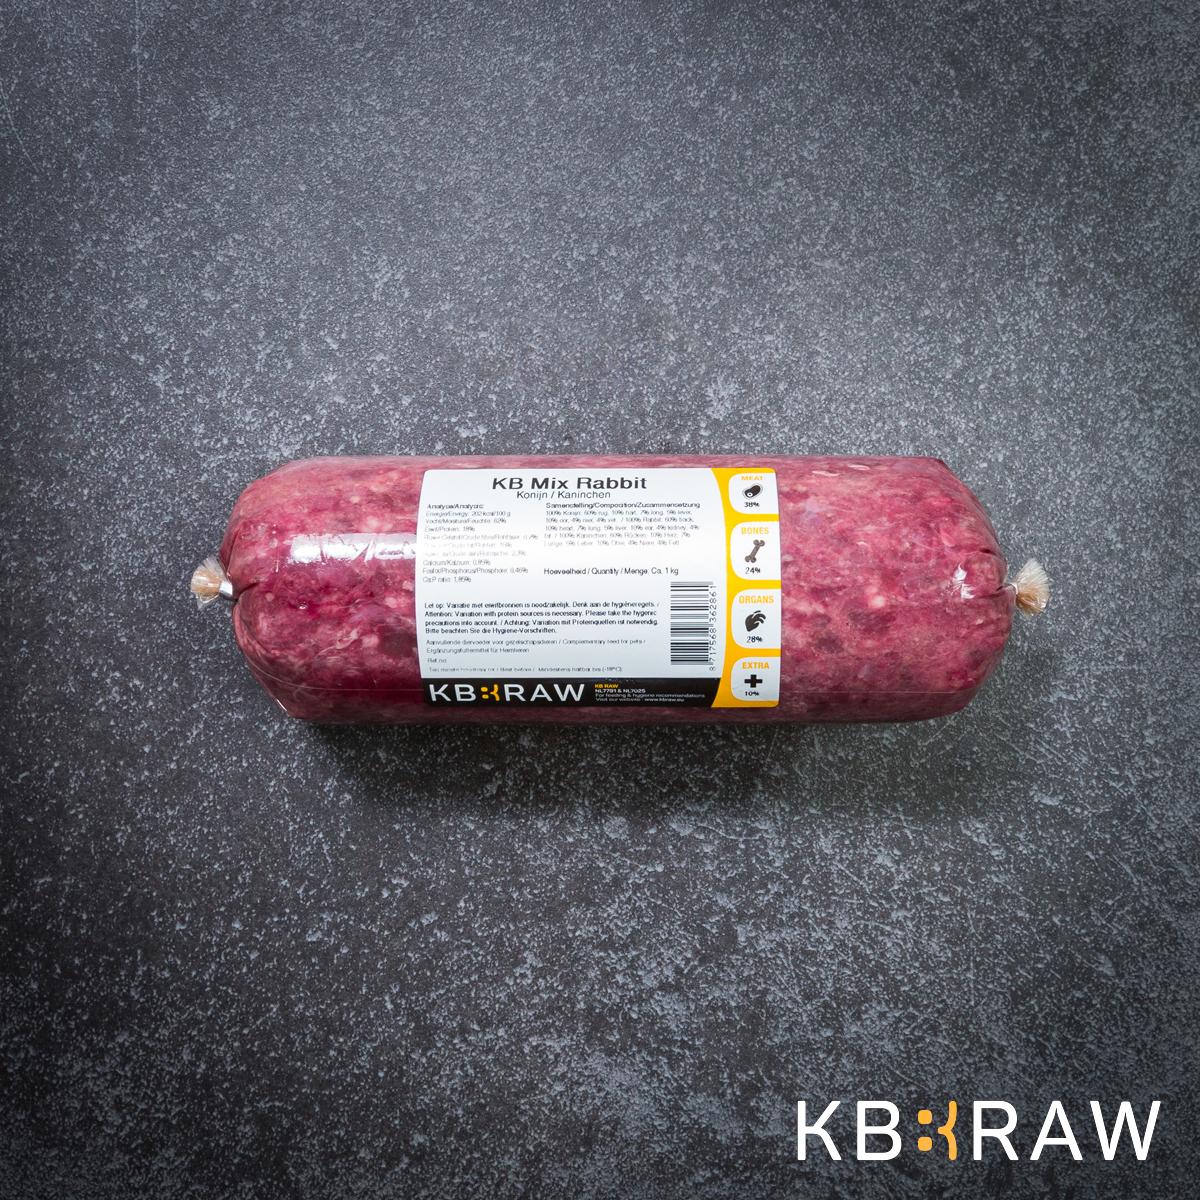 https://www.kbraw.eu/site/assets/files/1081/6z2a6269-kb_mix_hare.jpg